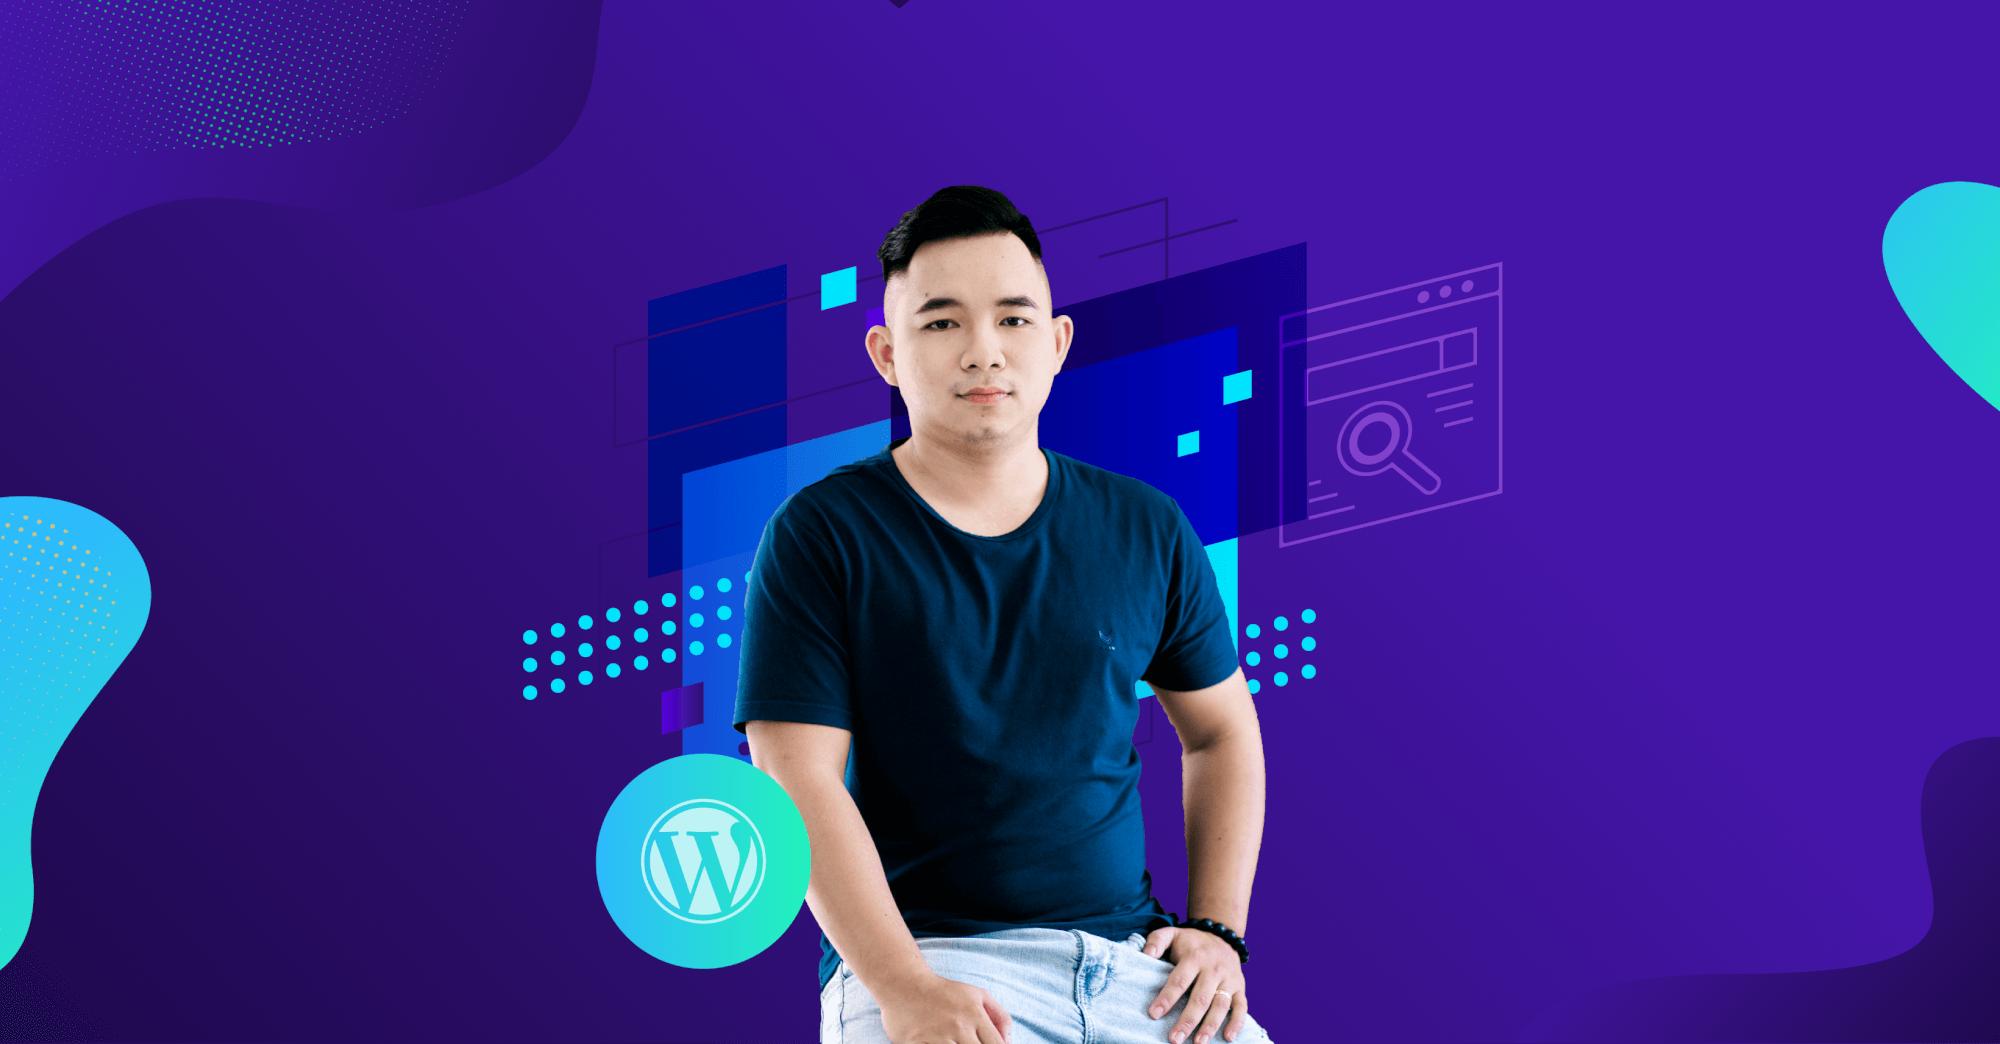 Khóa học WordPress nâng cao: Làm website bán hàng và website tin tức, bảo mật WP nâng cao và tối ưu tốc độ website